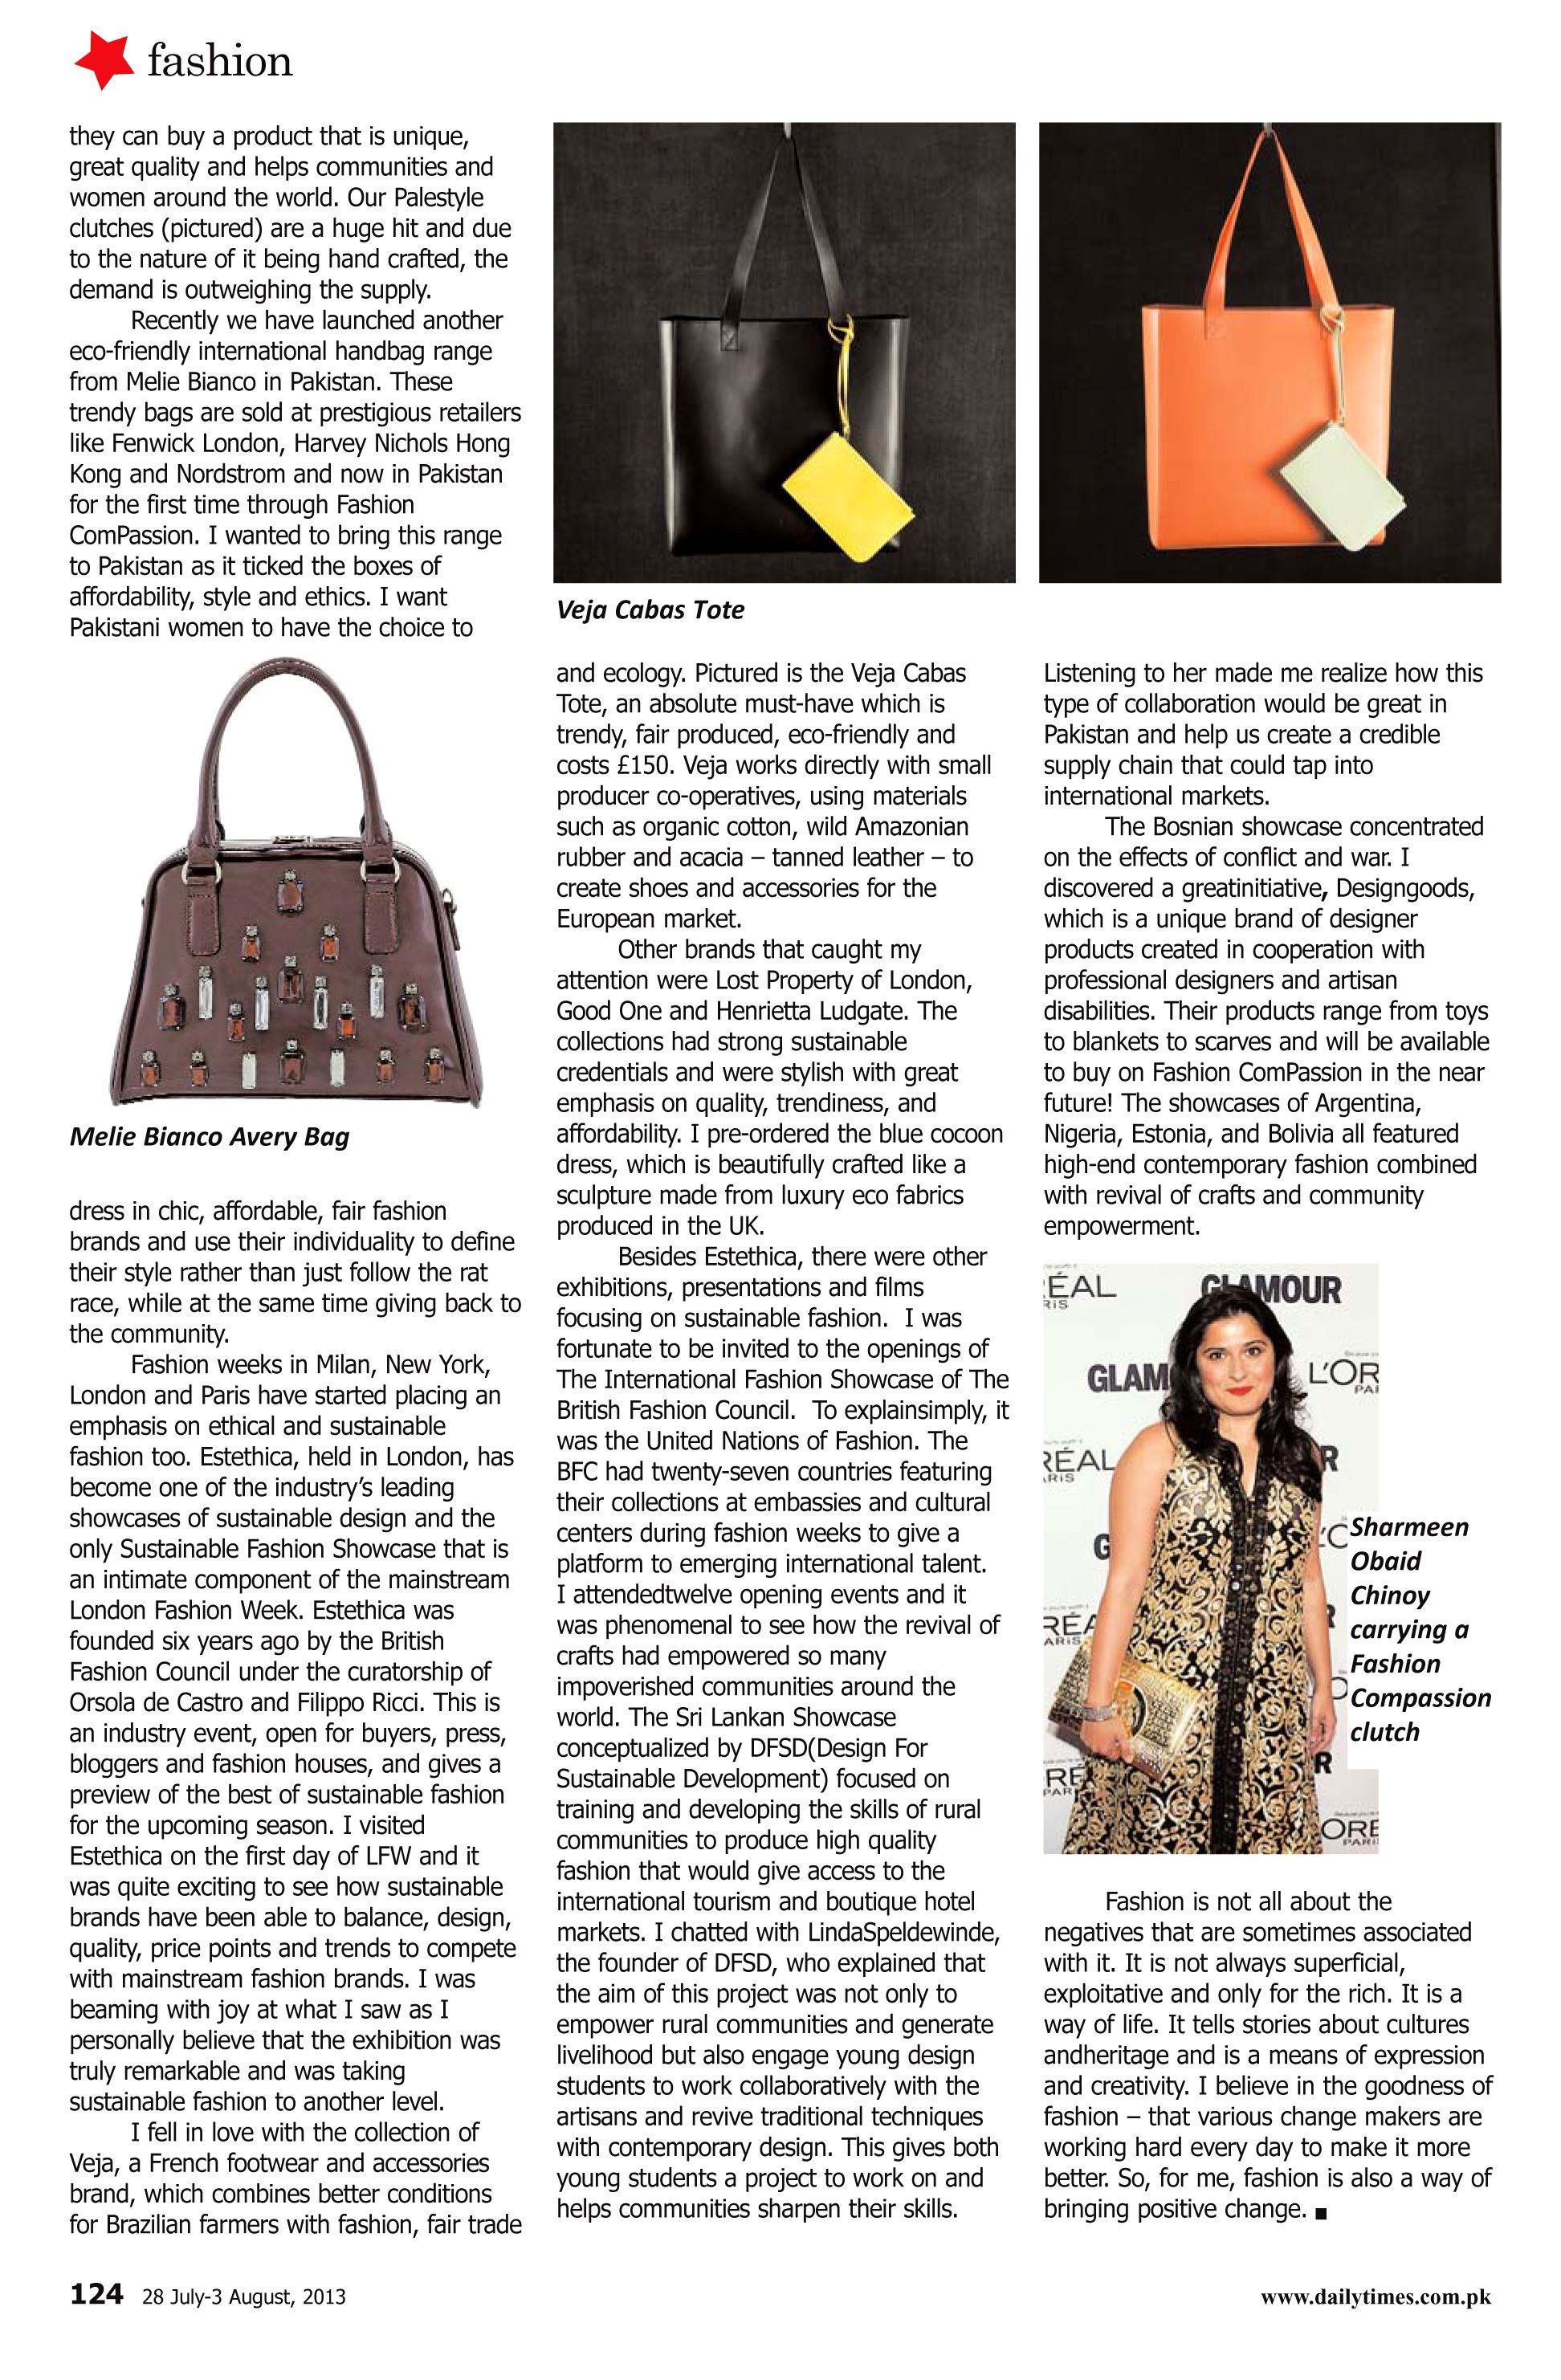 Fashion Compassion Article